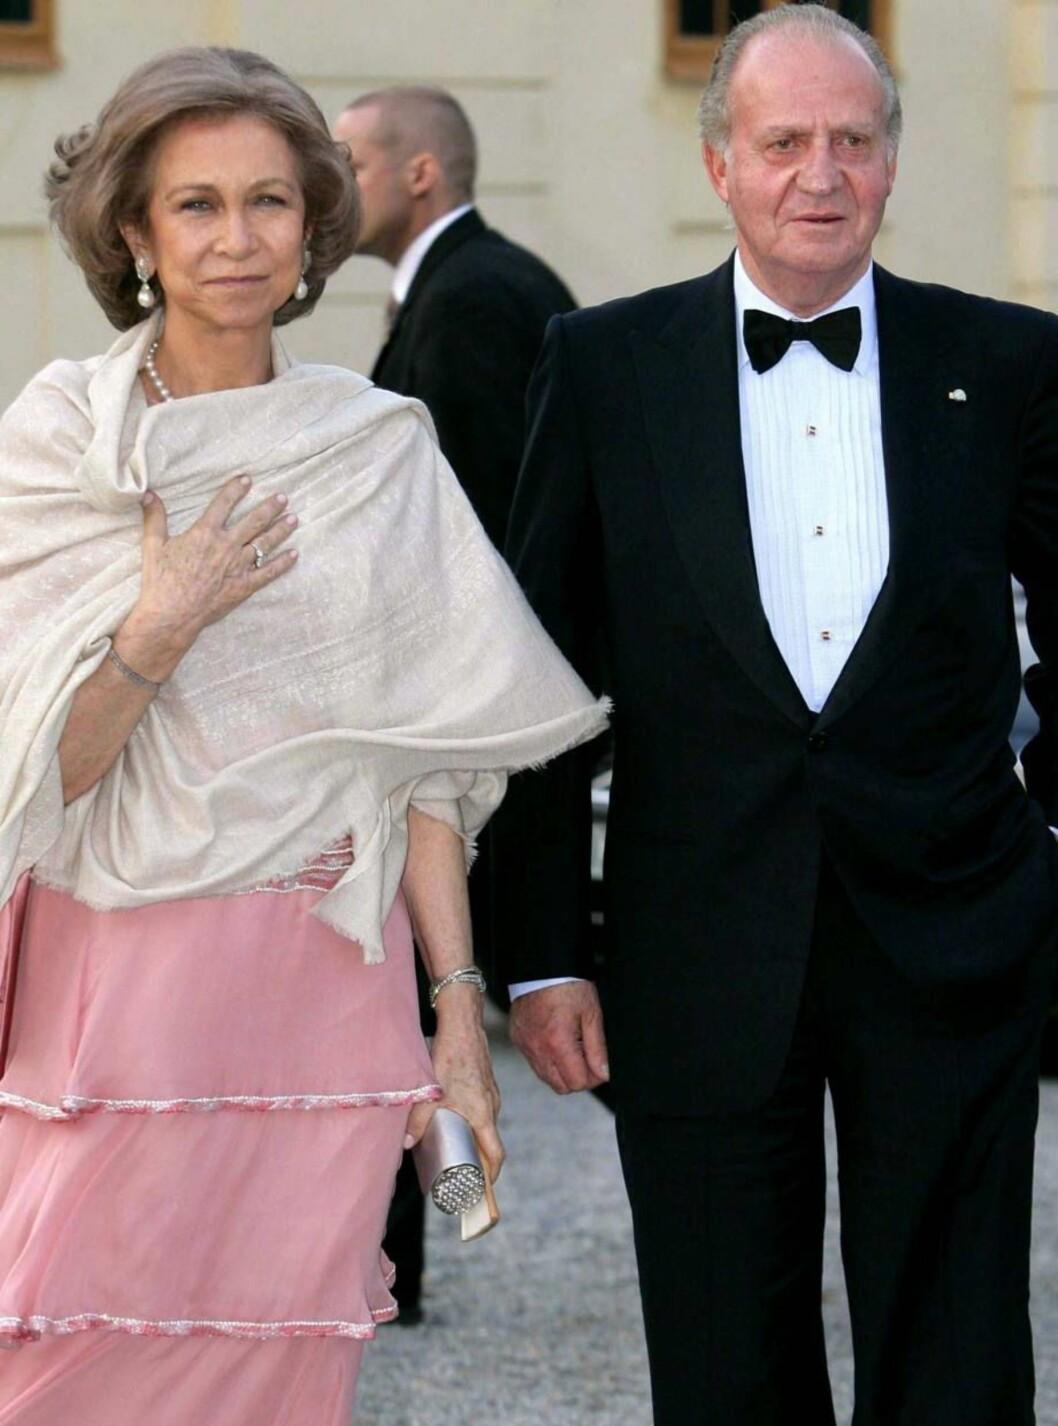 KONGEN KOMMER: Det spanske kongeparet kommer tirsdag endelig på statsbesøk til Norge. Foto: All Over Press